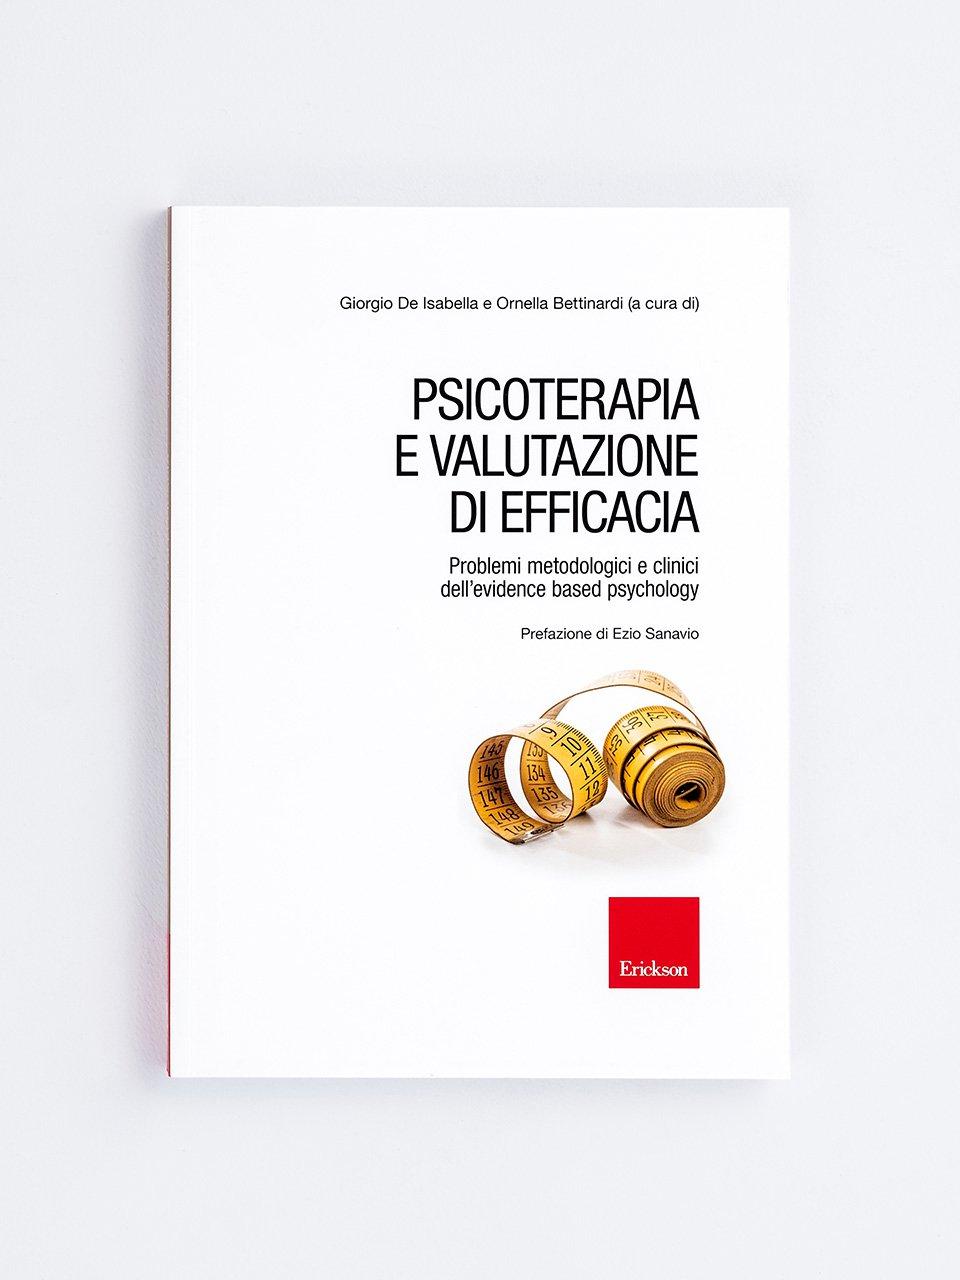 Psicoterapia e valutazione di efficacia - La valutazione nel lavoro sociale con le famiglie  - Formazione - Erickson